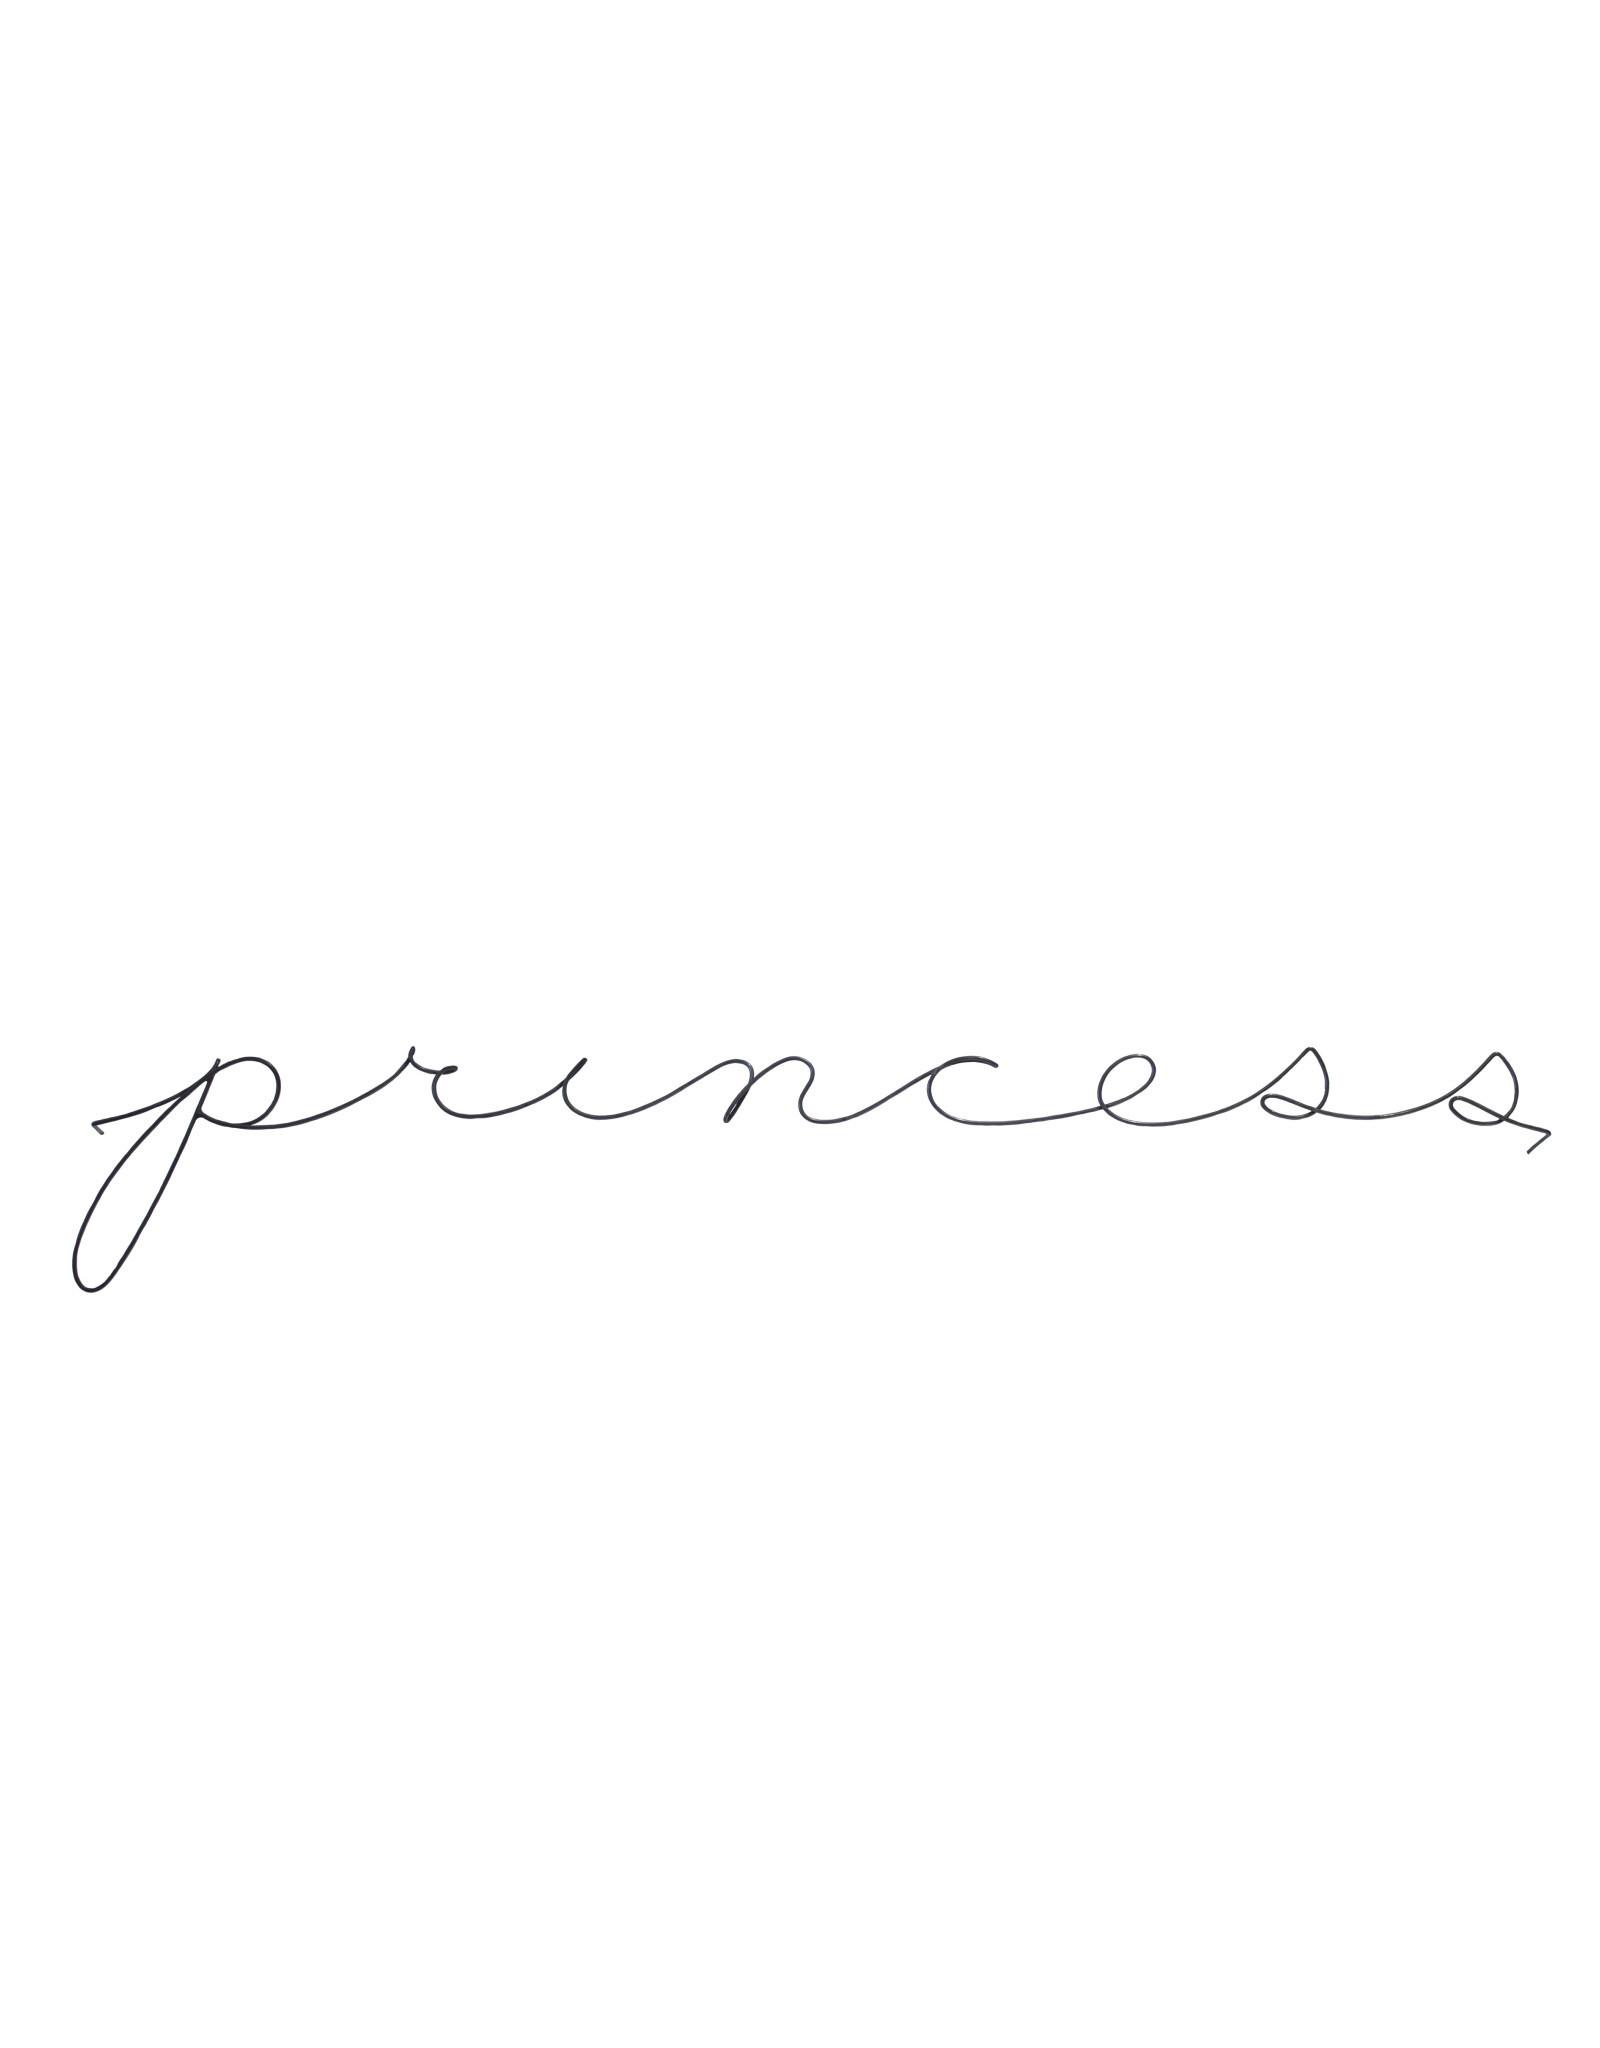 Gauge NYC 'princess' Wire Word Poetic